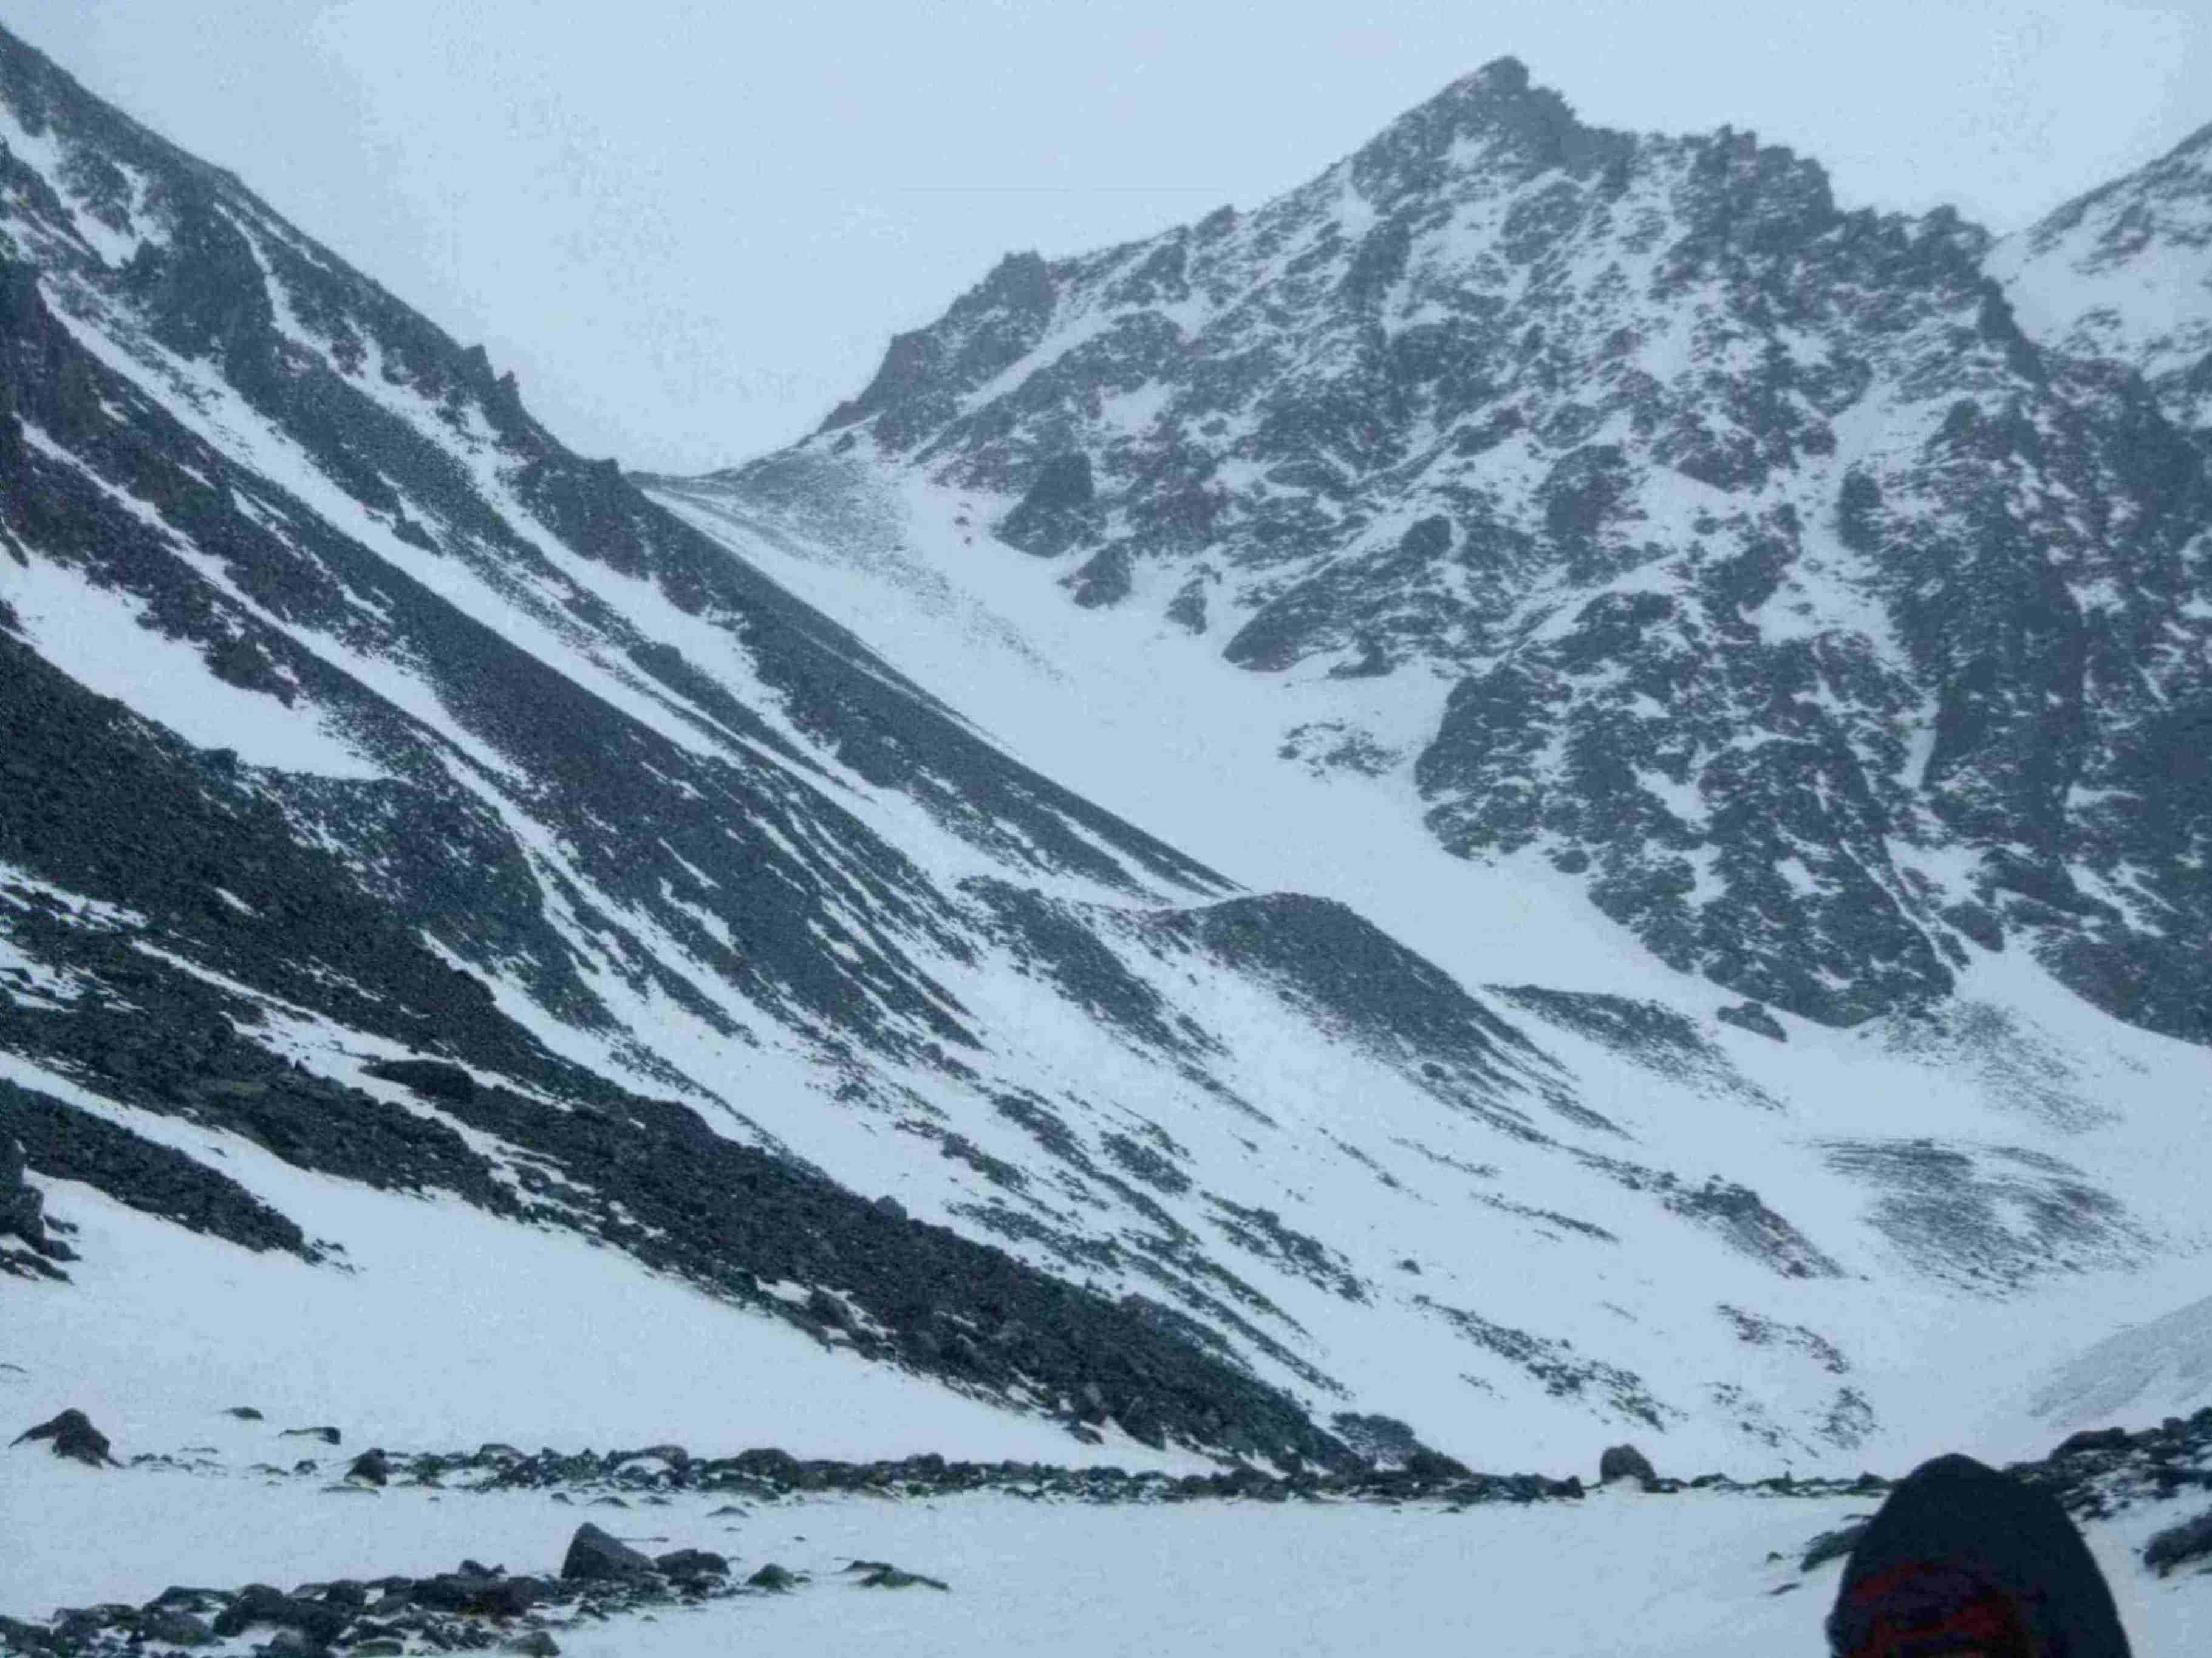 Отчет о горном походе 3 к.с. совершенном по Южно-Чуйскому хребту